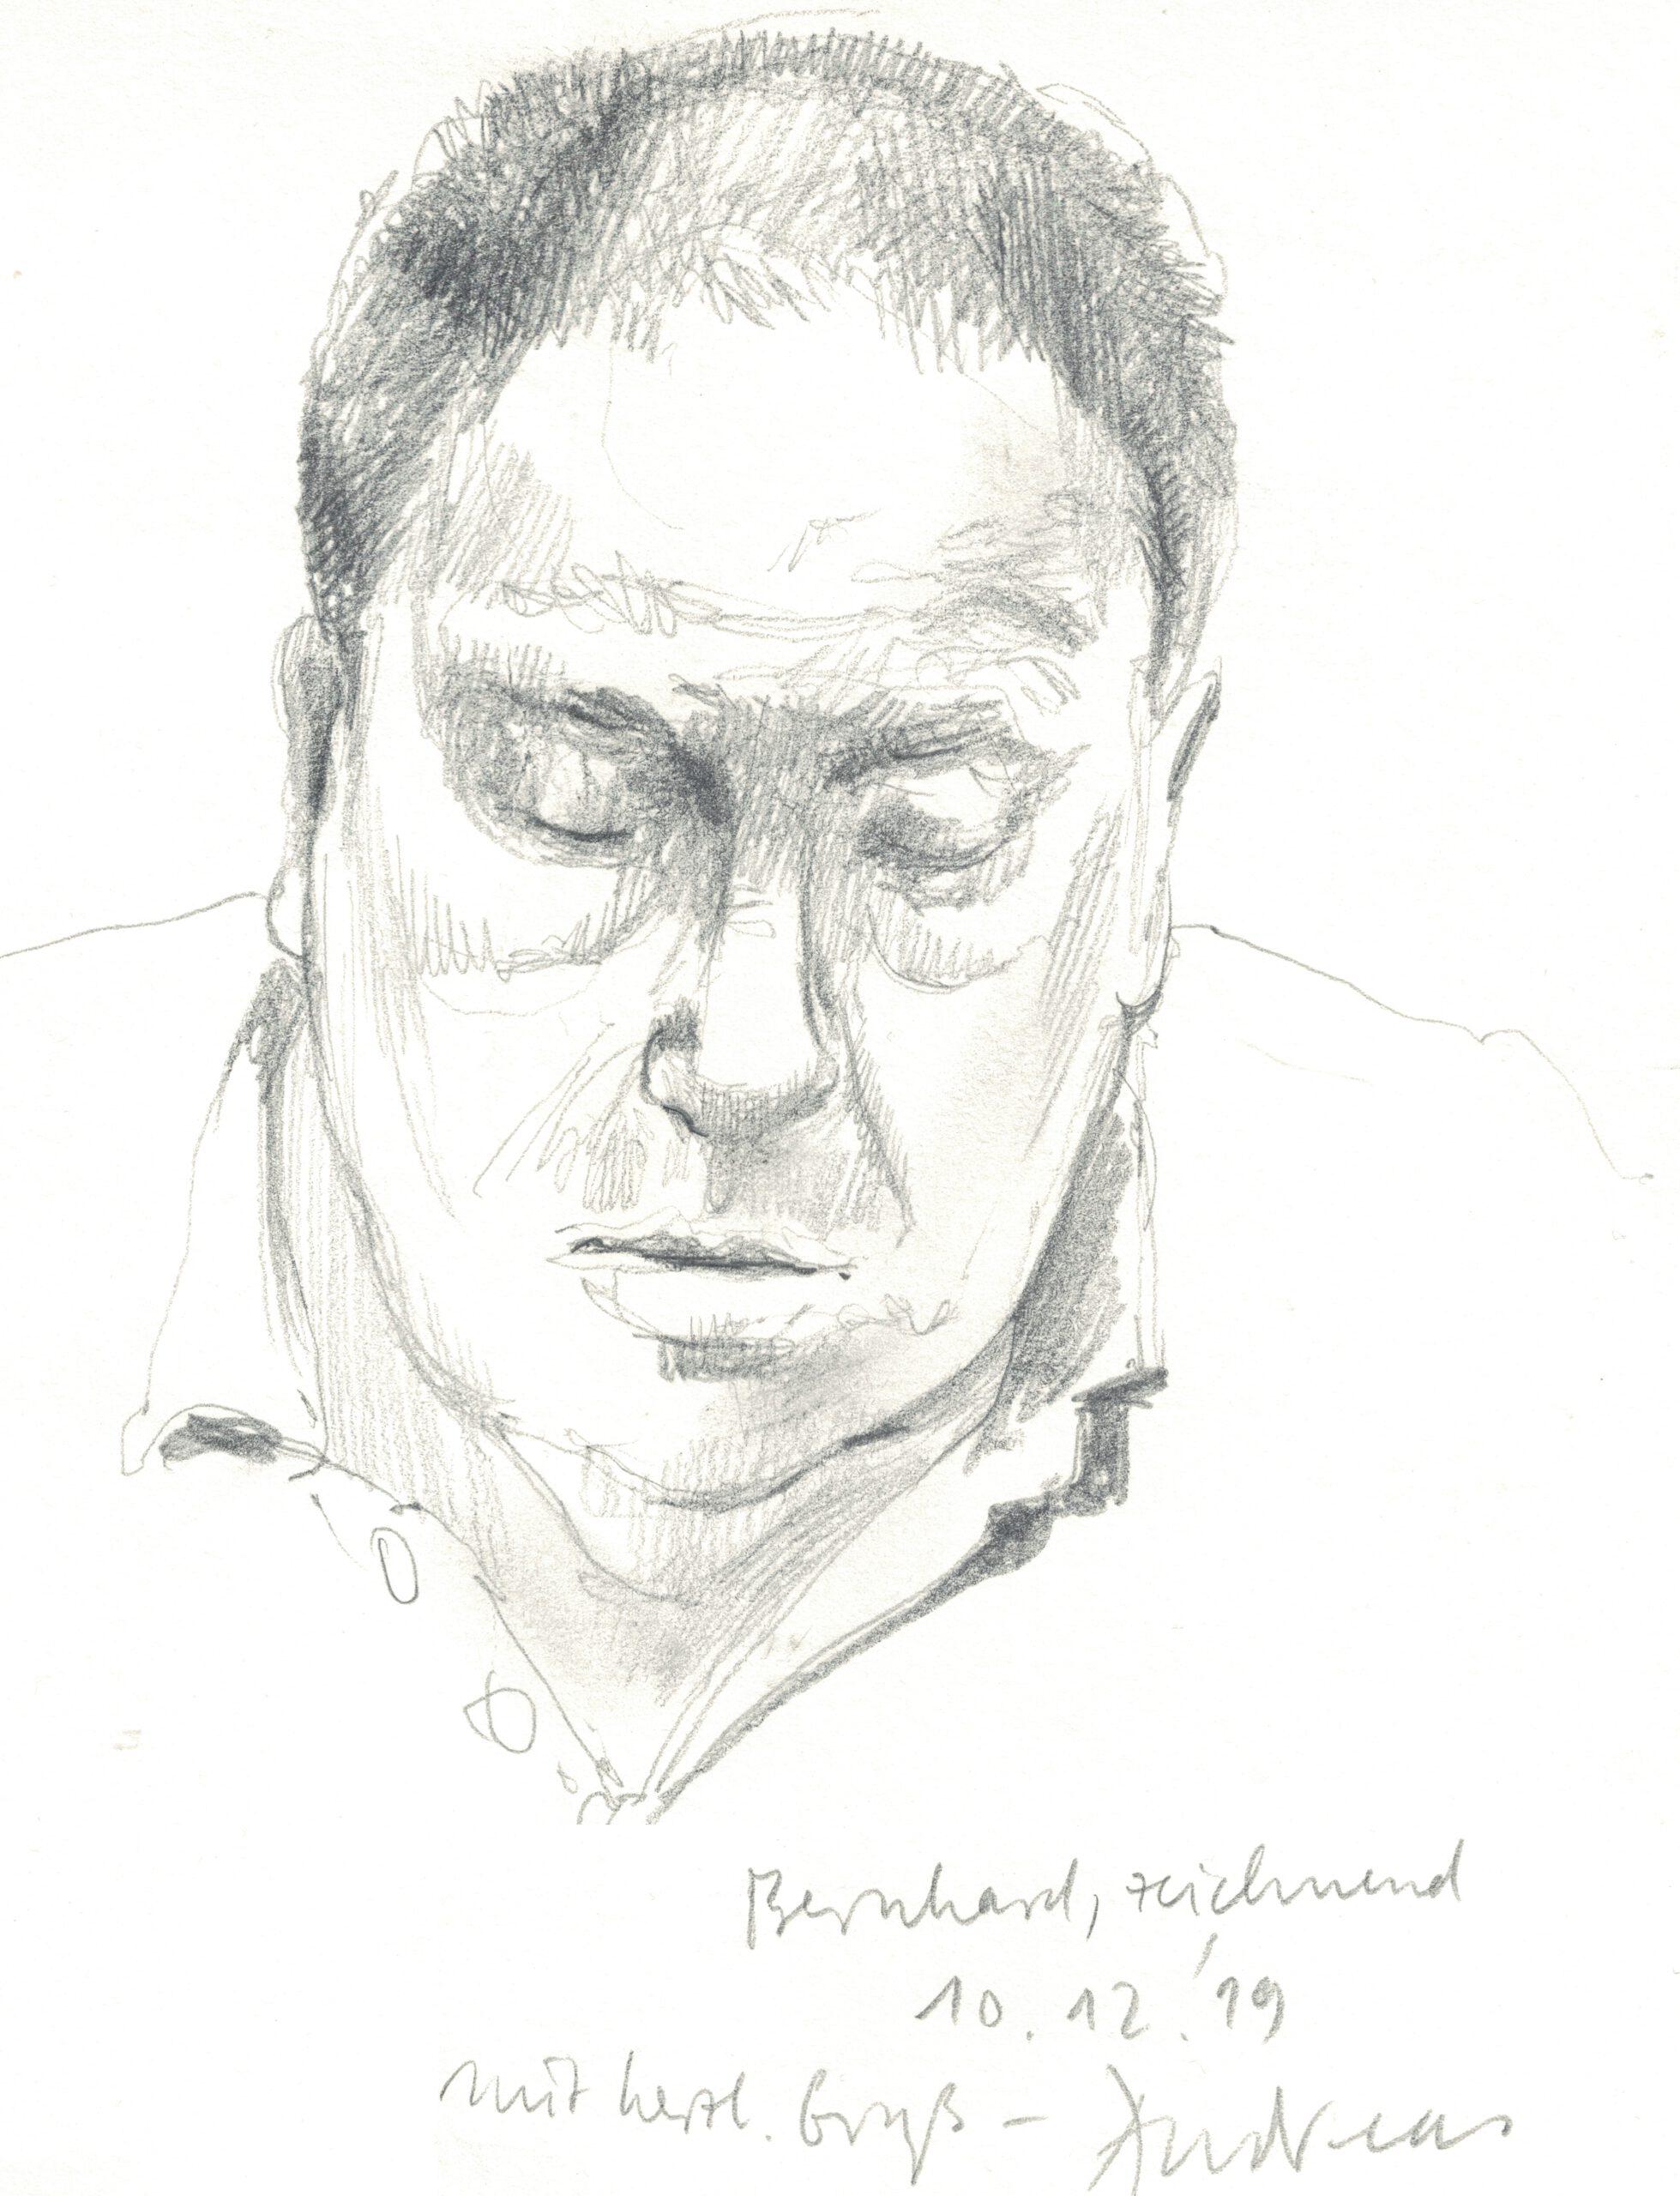 Der Vortragende Dr. Bernhard Röhrich gezeichnet von Andreas Amrhein